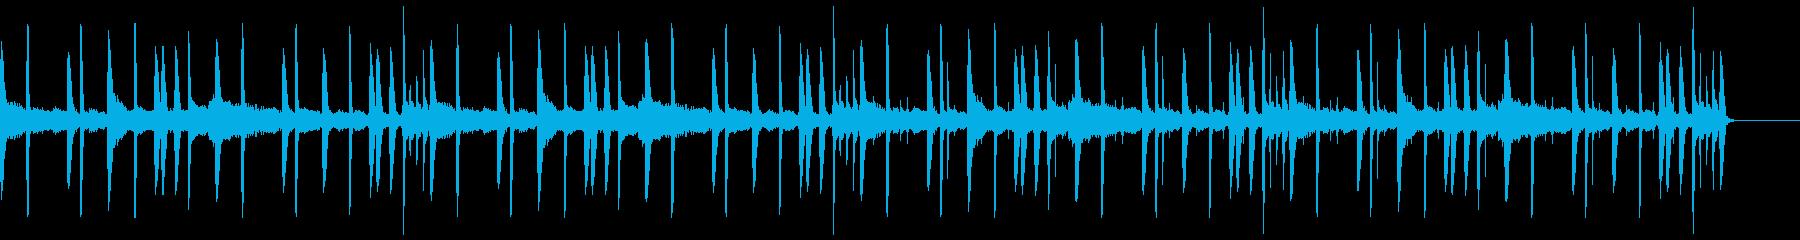 シンプルなチルアウトの再生済みの波形